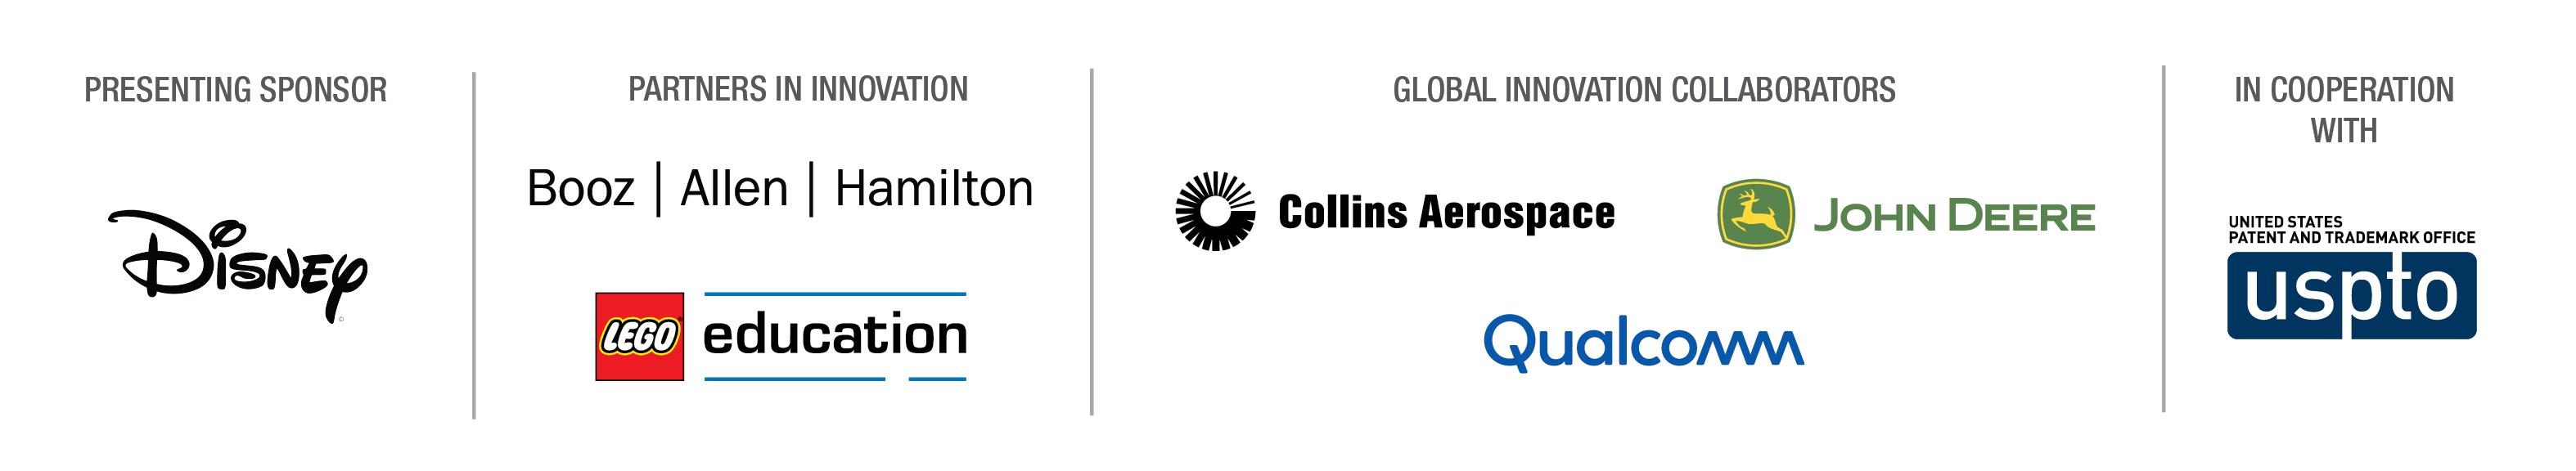 2020 Global Innovation Award Sponsors